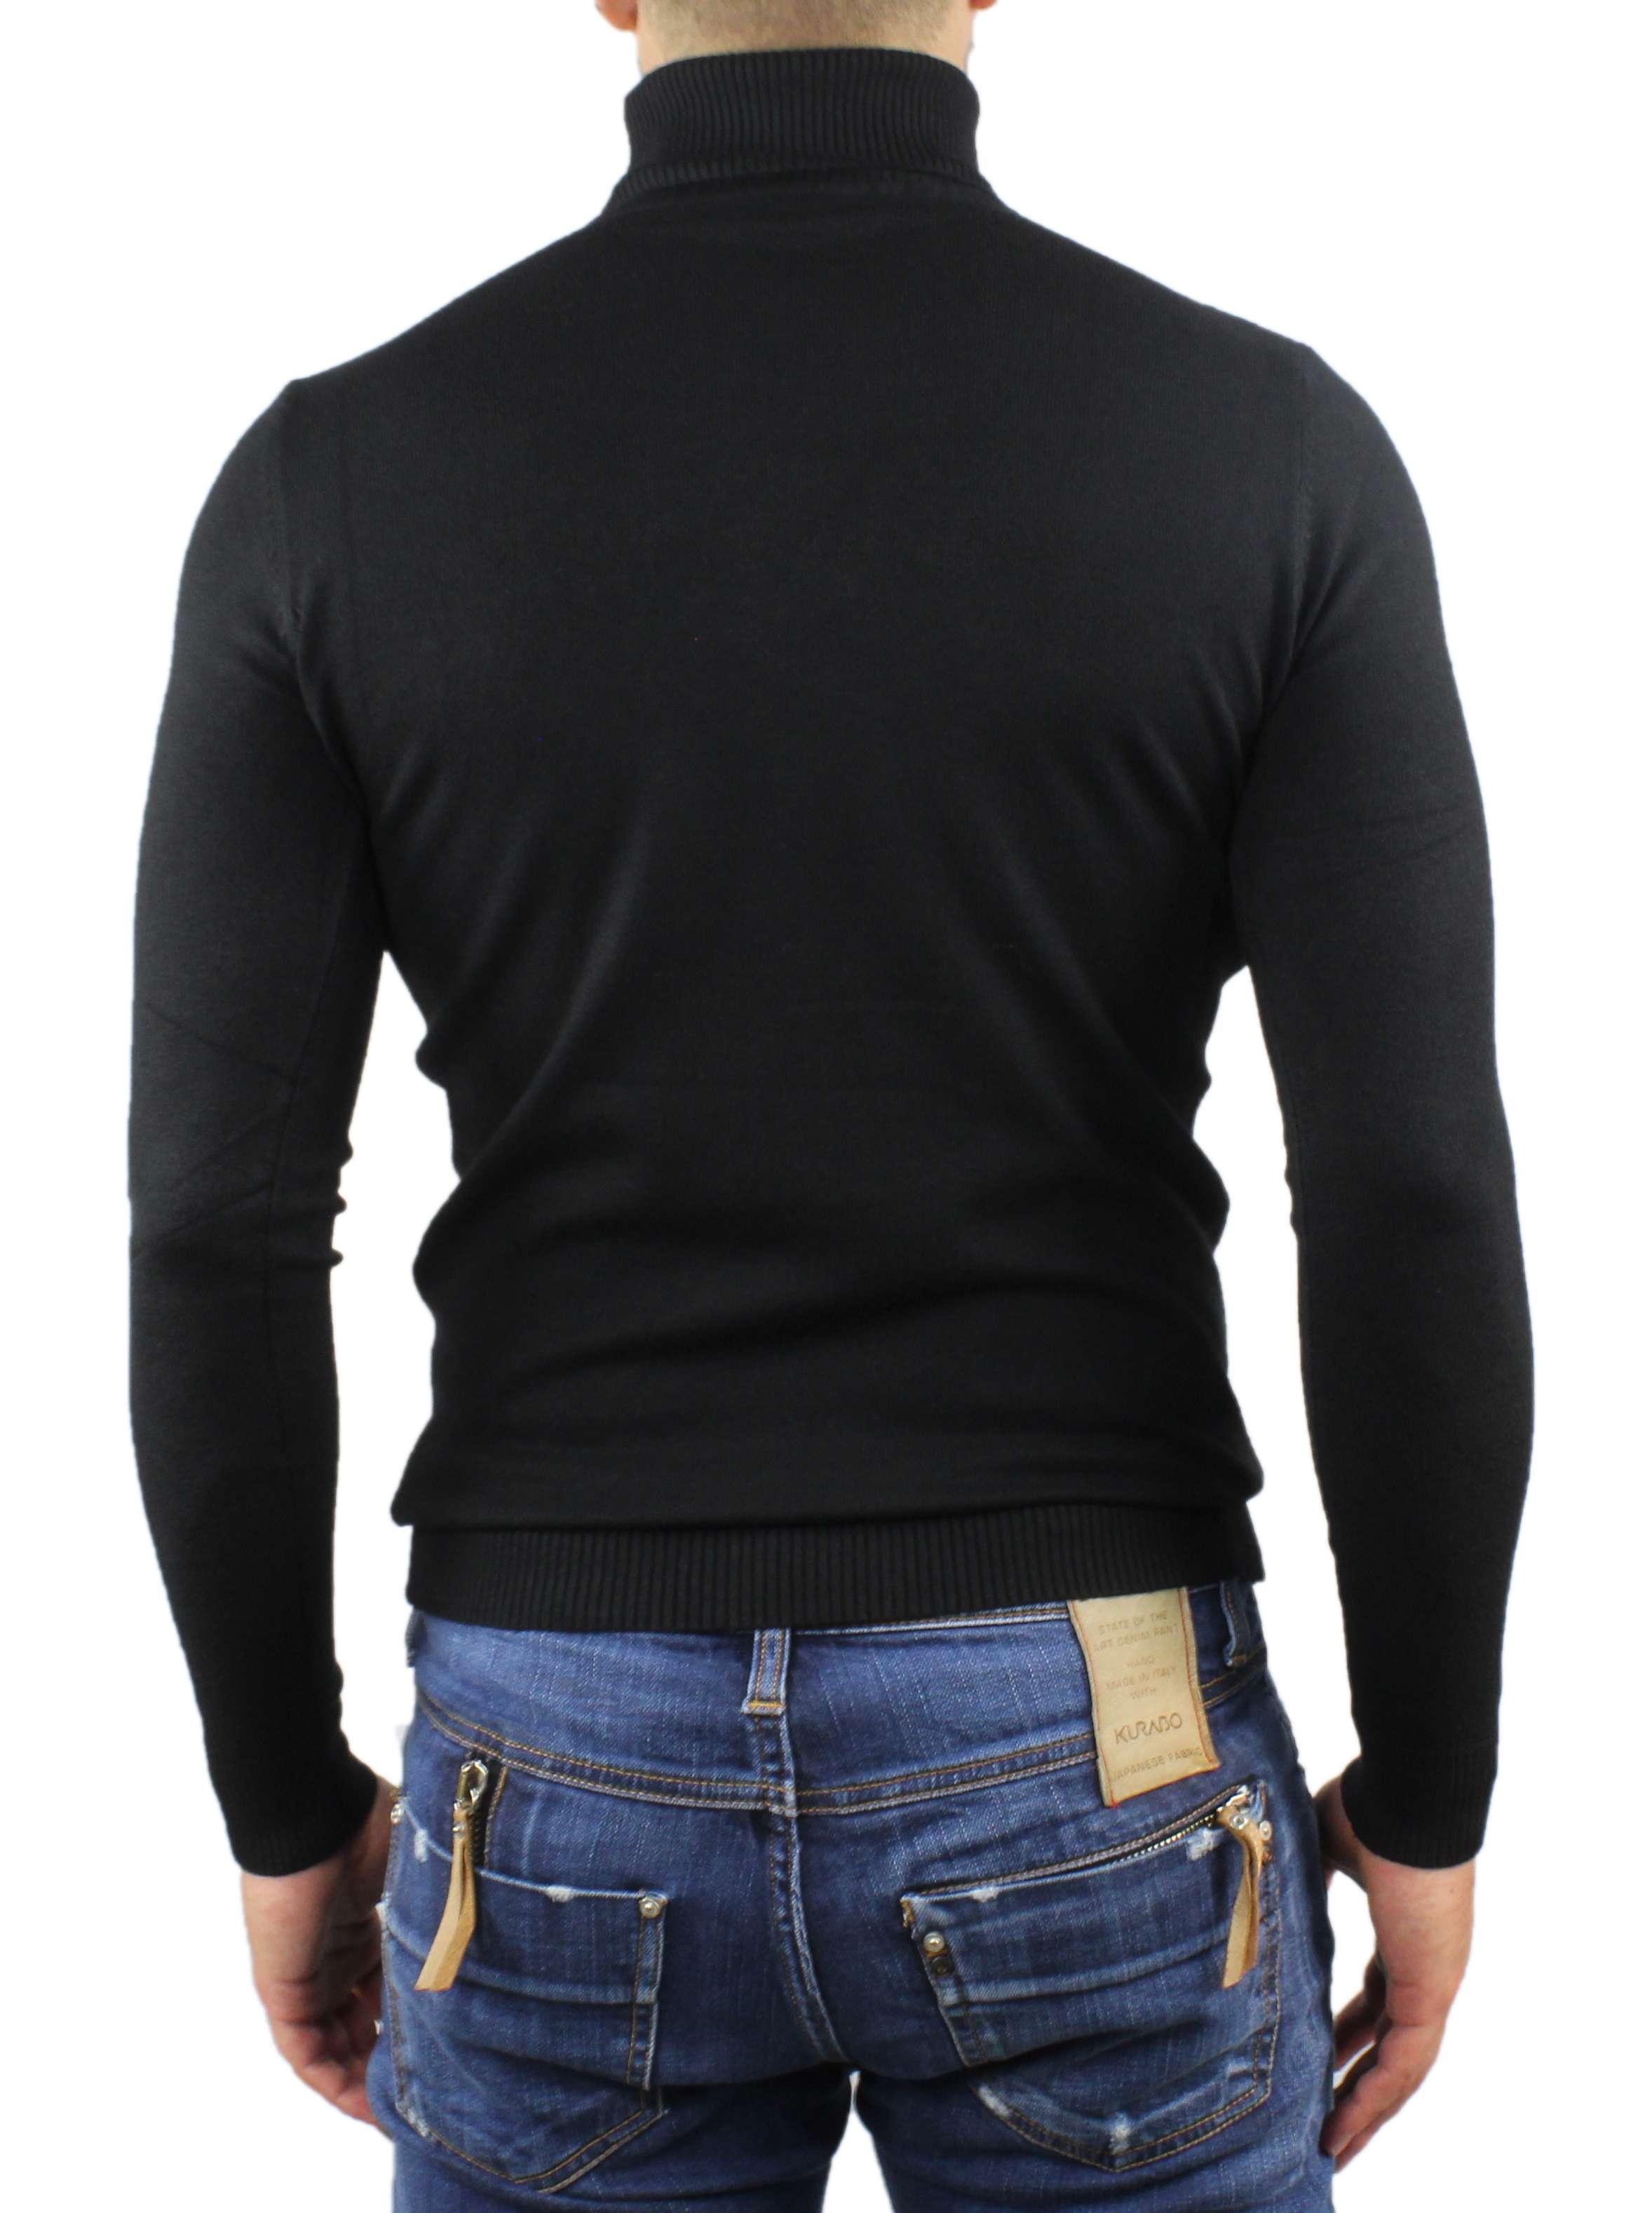 Maglione-Uomo-Collo-Alto-Dolcevita-Maglia-Blu-Nero-Bordo-Lupetto-Maglioncino miniatura 15